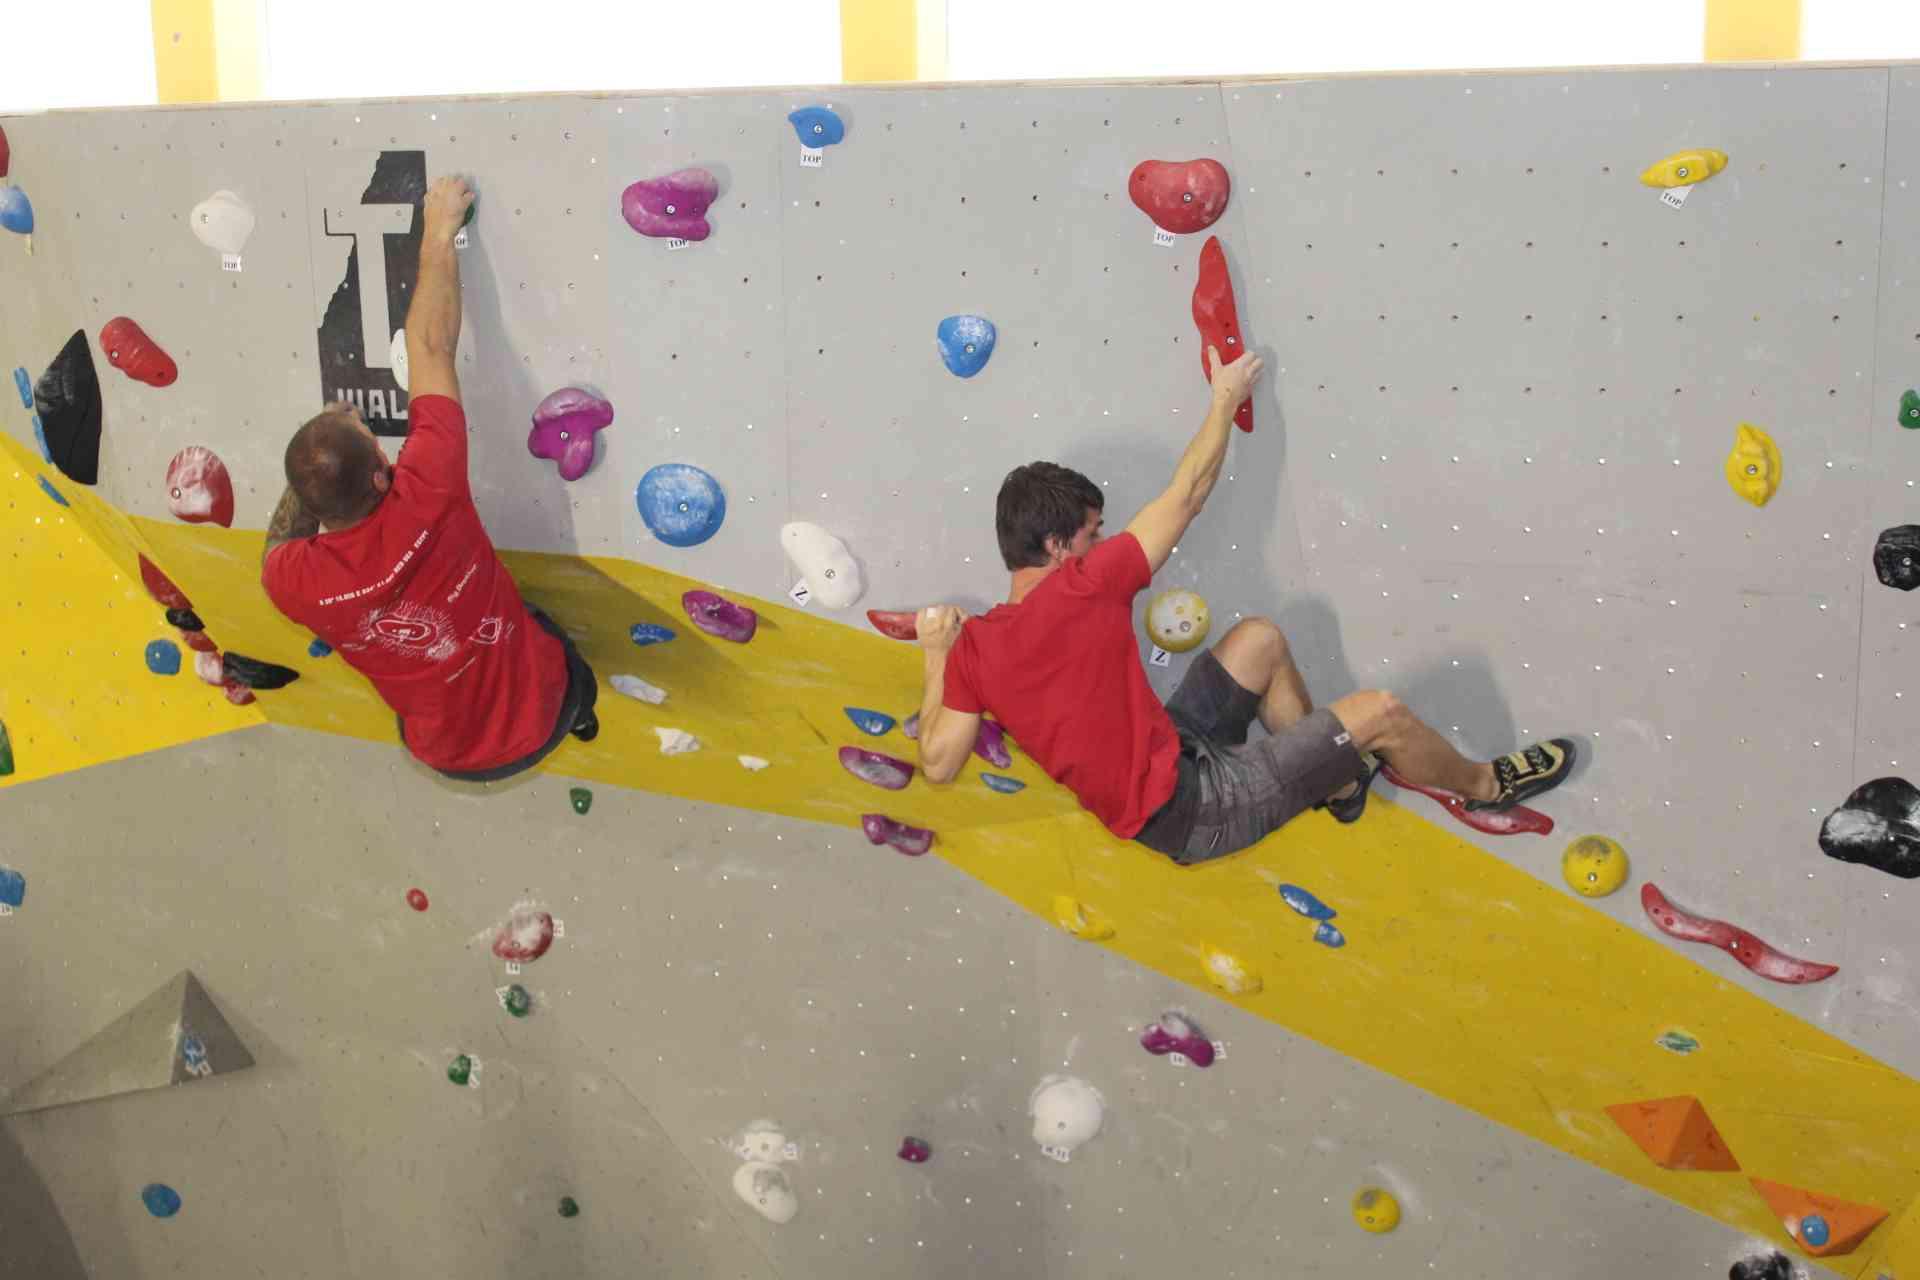 Kletterausrüstung Was Gehört Dazu : Sektion treuchtlingen des deutschen alpenvereins dav e.v. u2013 infos